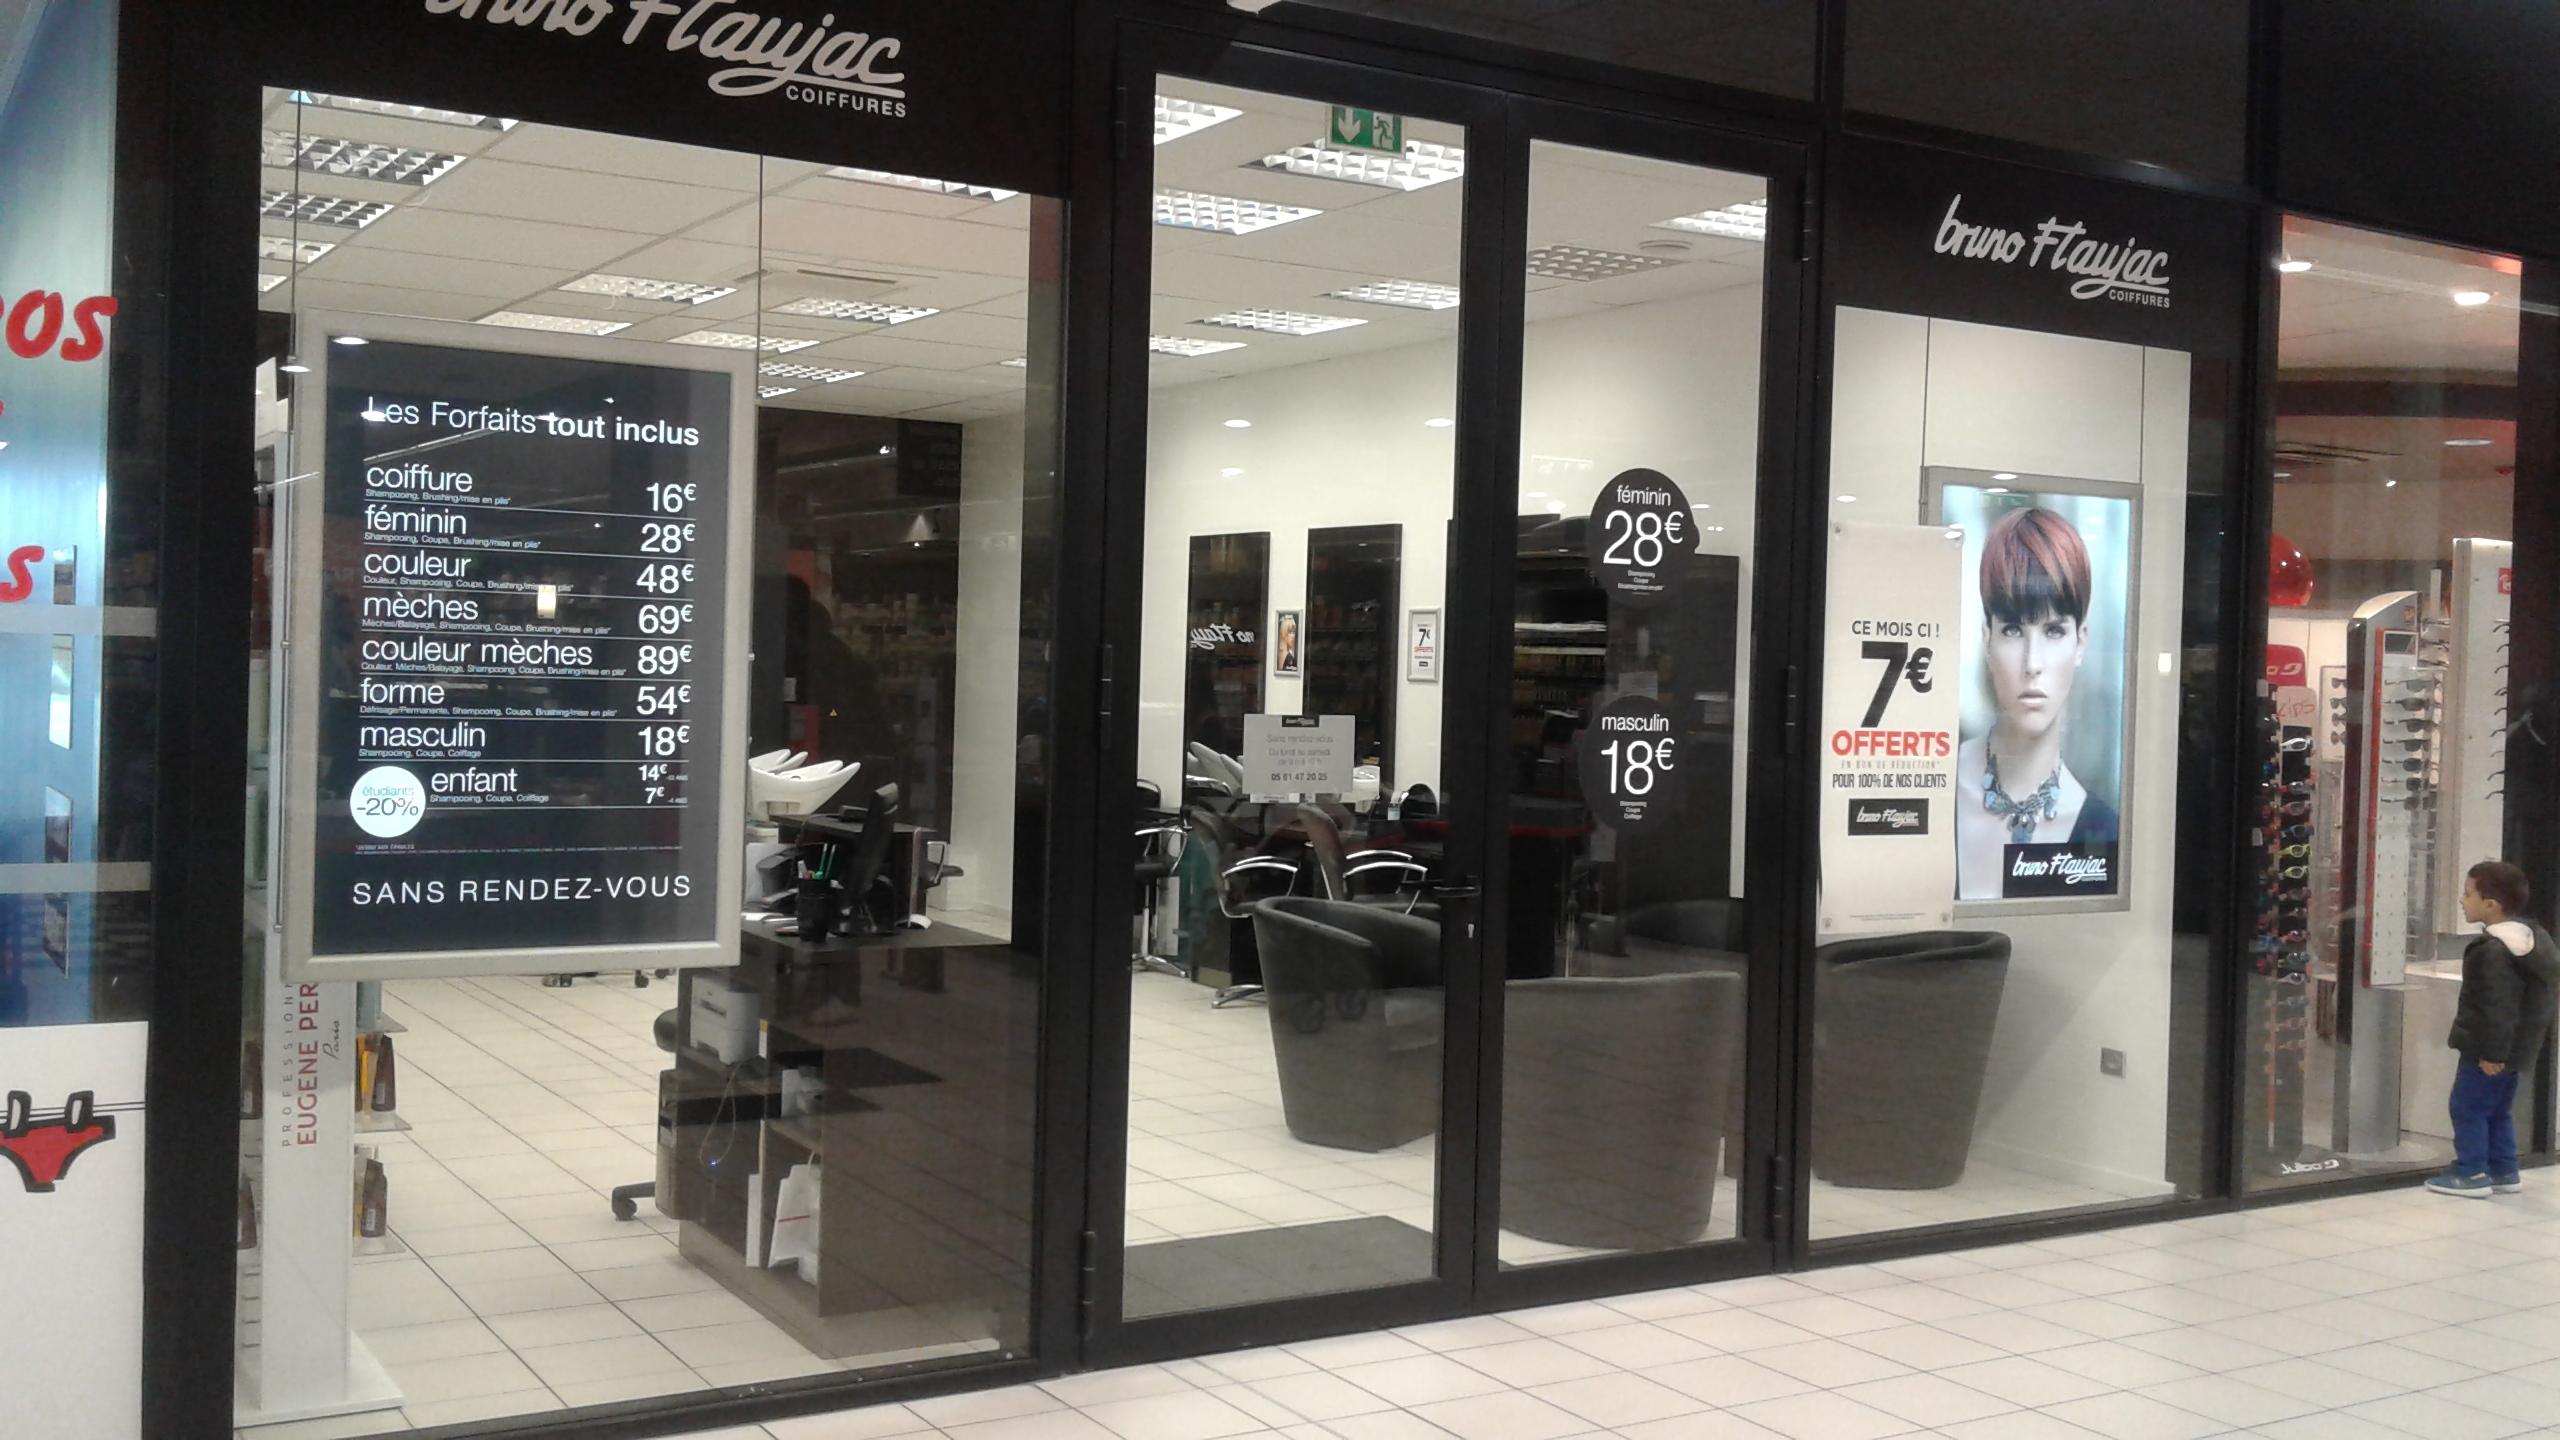 Toulouse avenue de fronton bruno flaujac salon de for Salon de coiffure toulouse